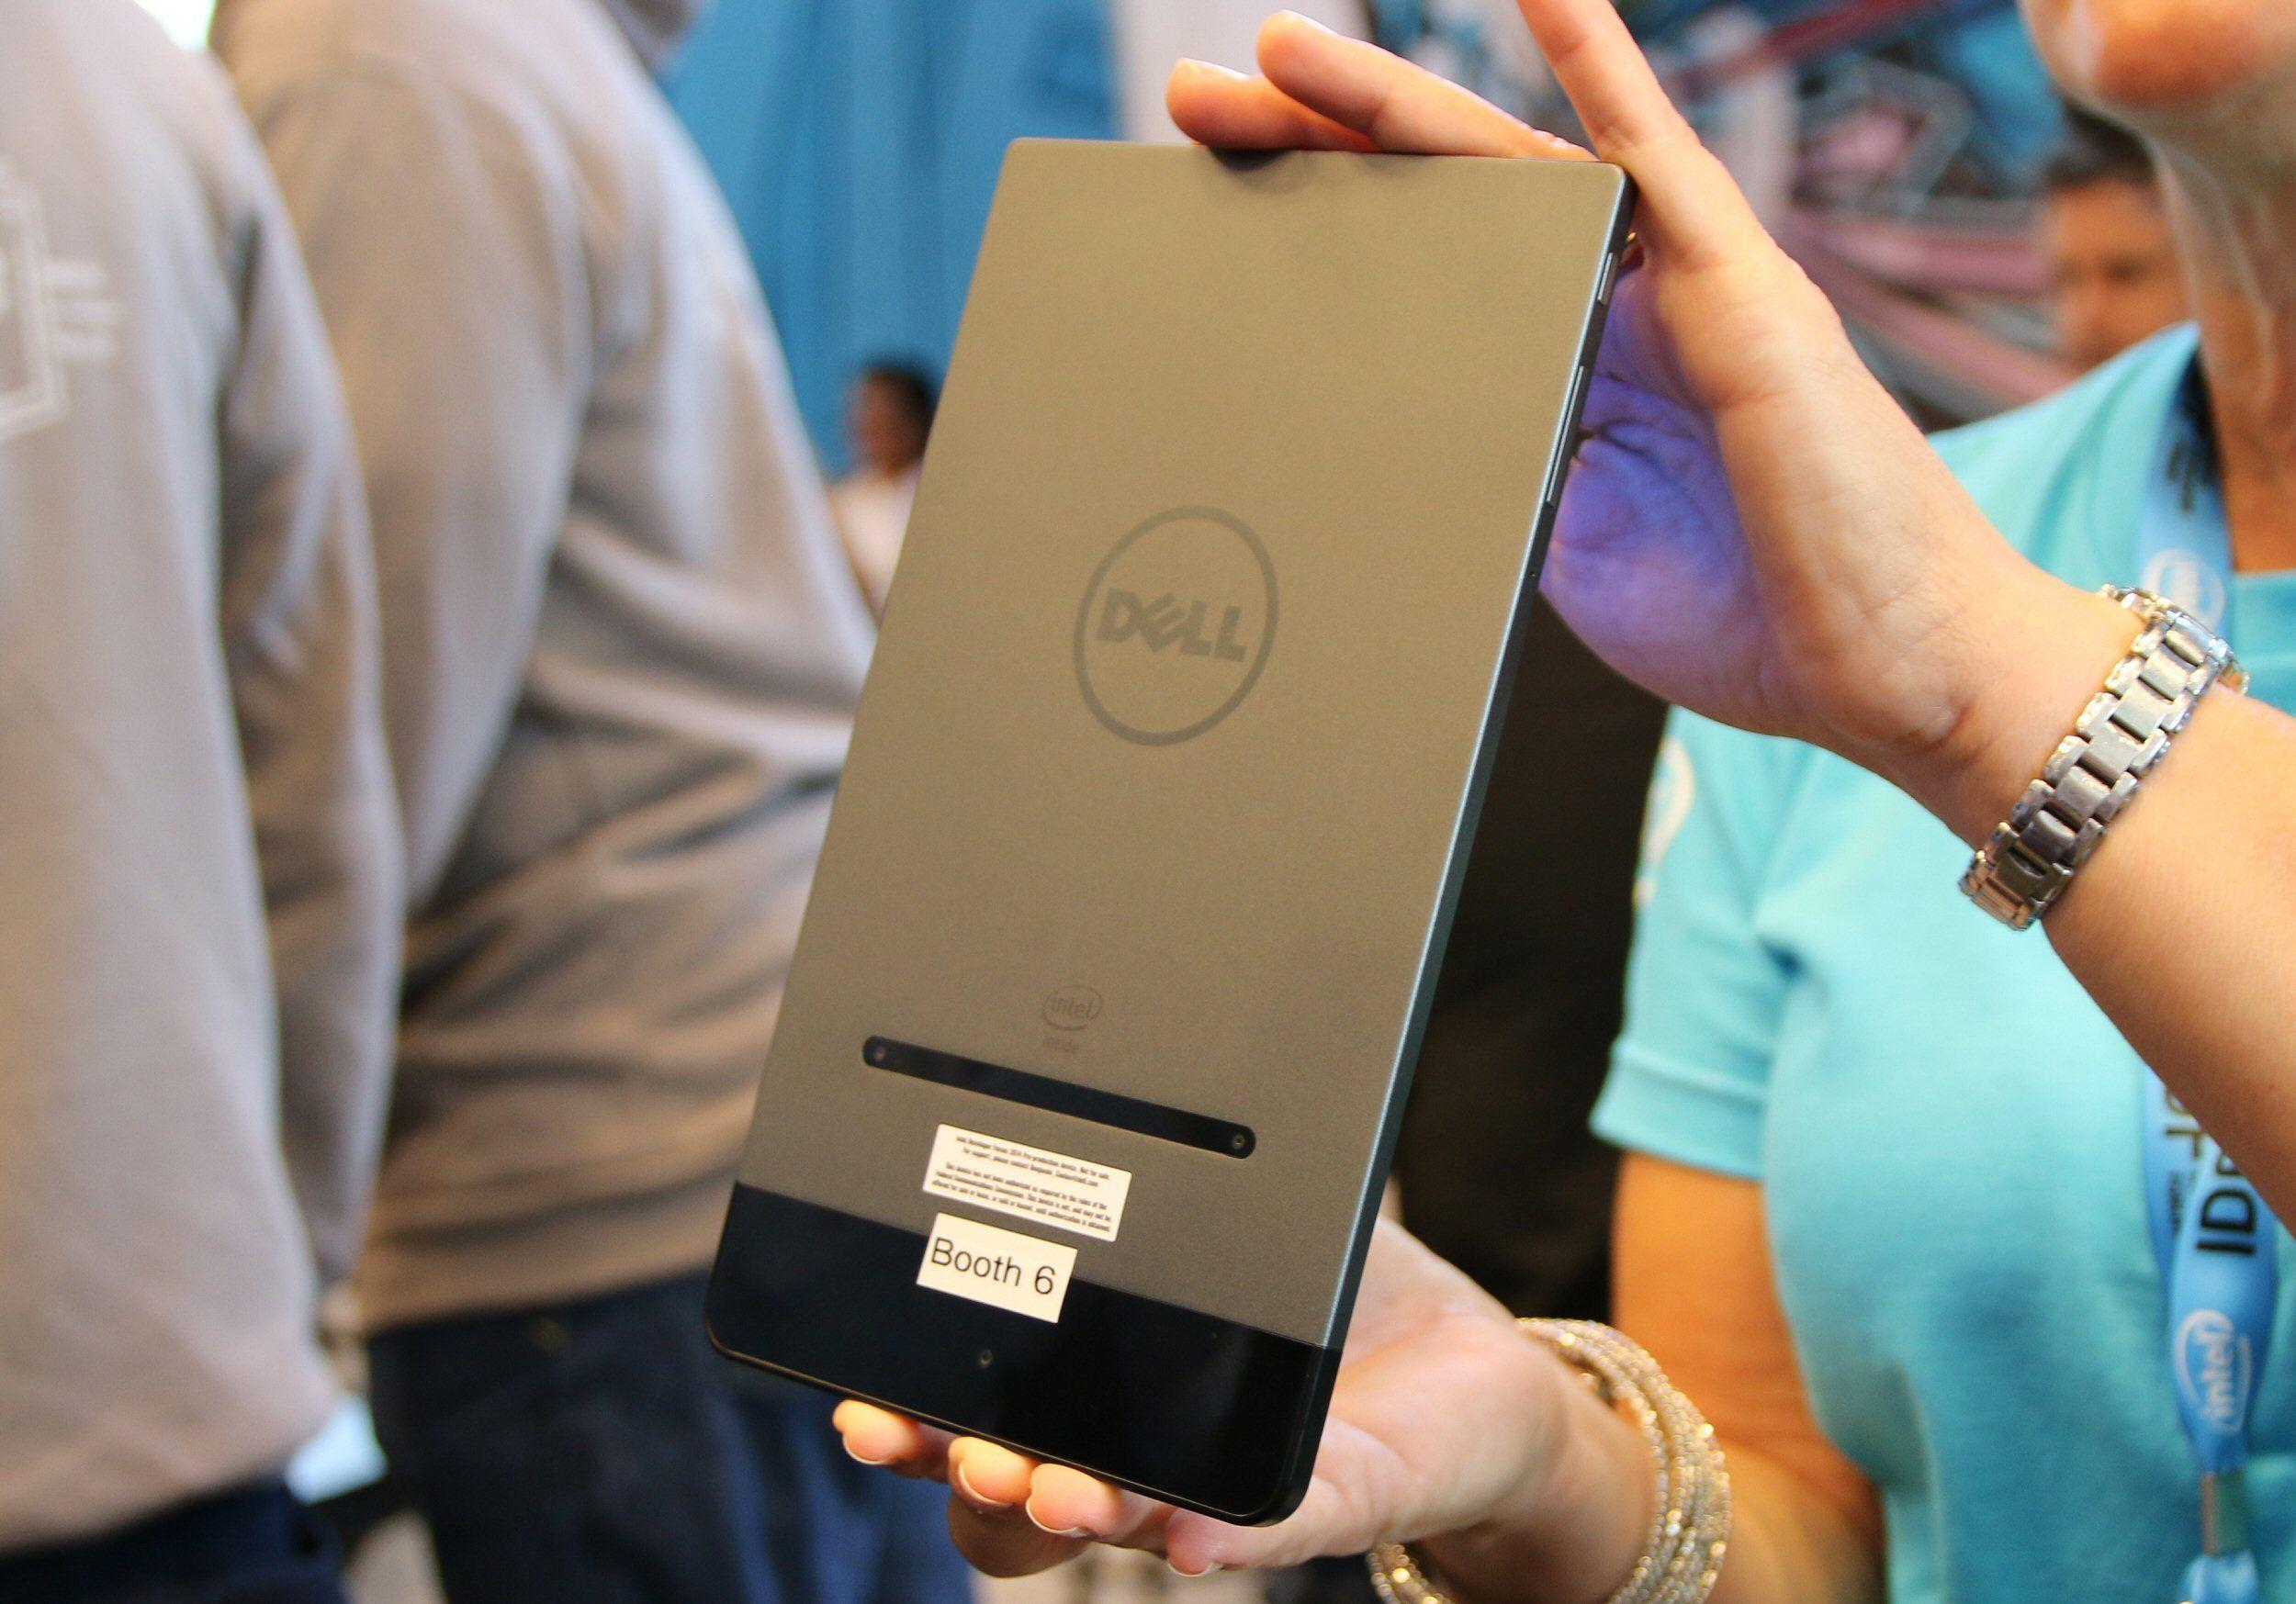 Dell Venue 8 7000 Series har flere kameraer og kan således også «se» i dybdedimensjonen. Dette nettbrettet har for øvrig Snapshot-versjonen av RealSense.Foto: Vegar Jansen, Tek.no